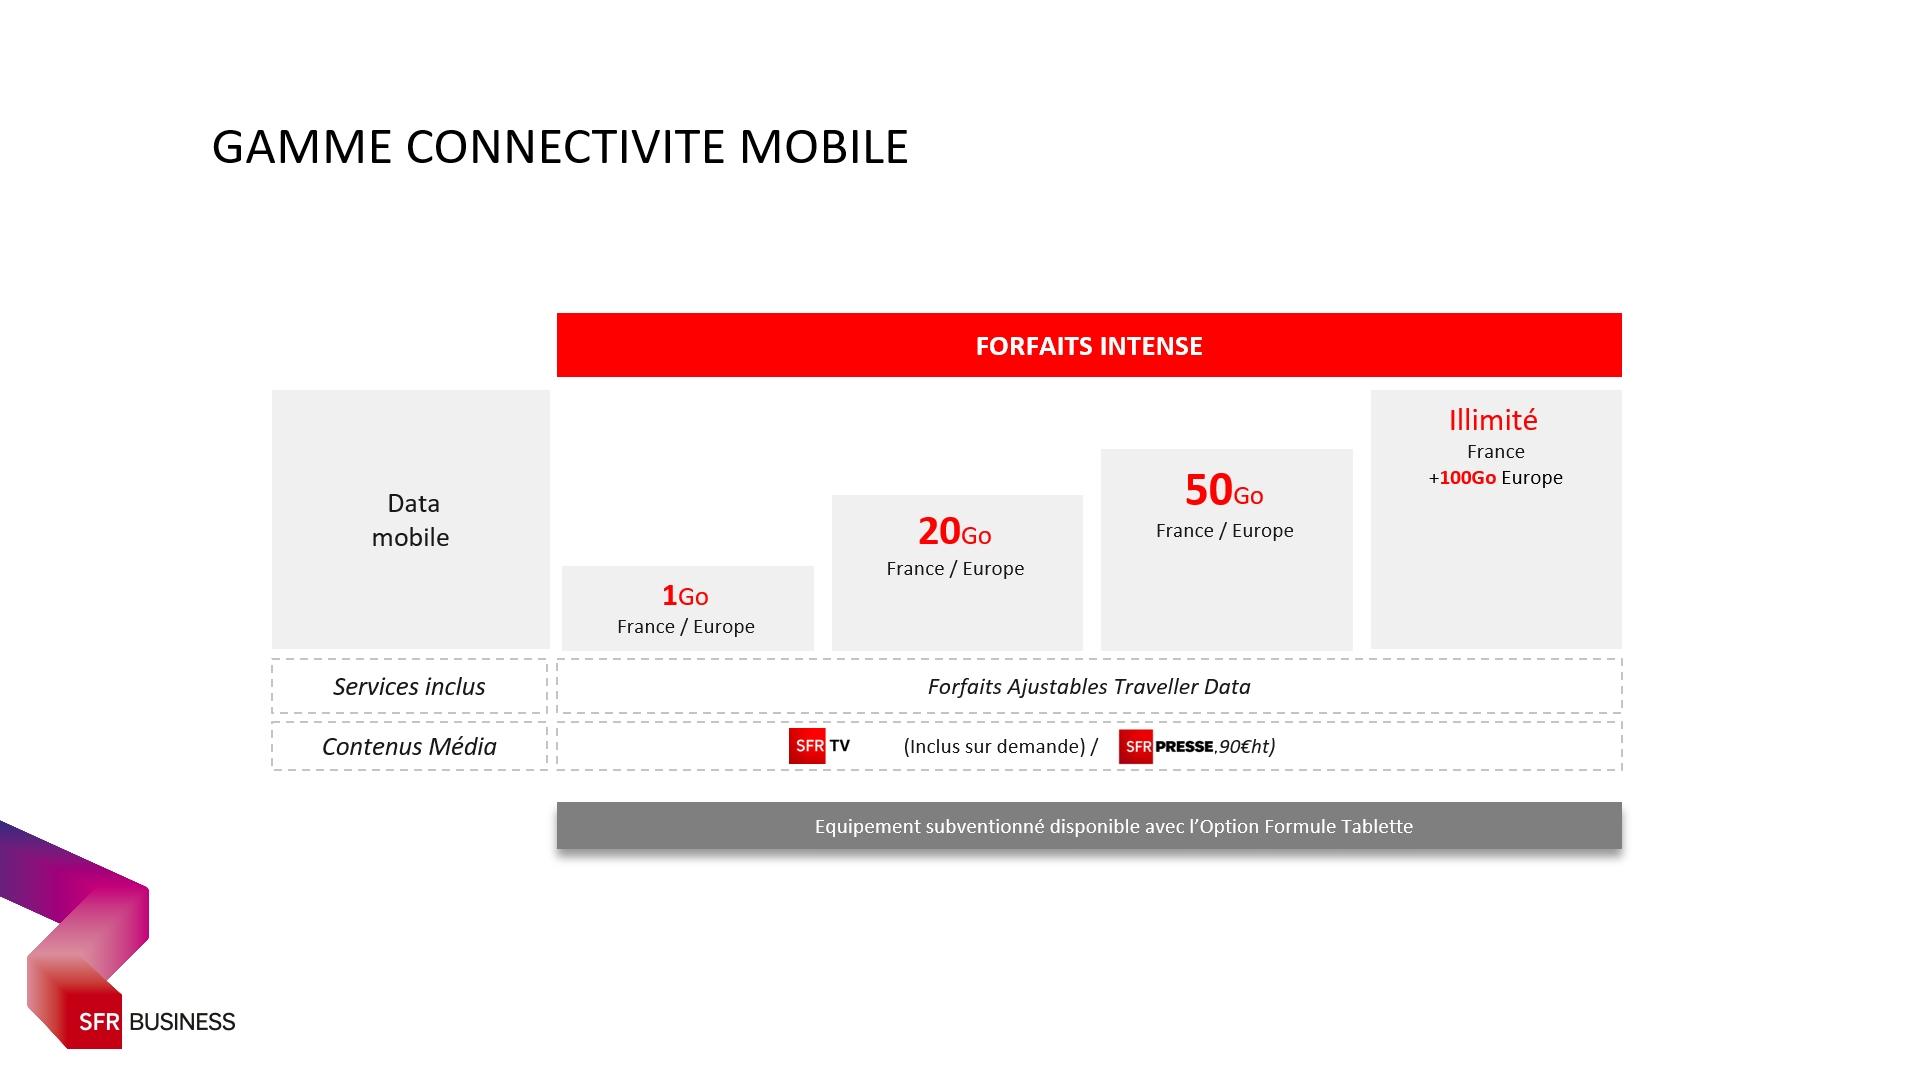 Gamme Connectivité Mobile